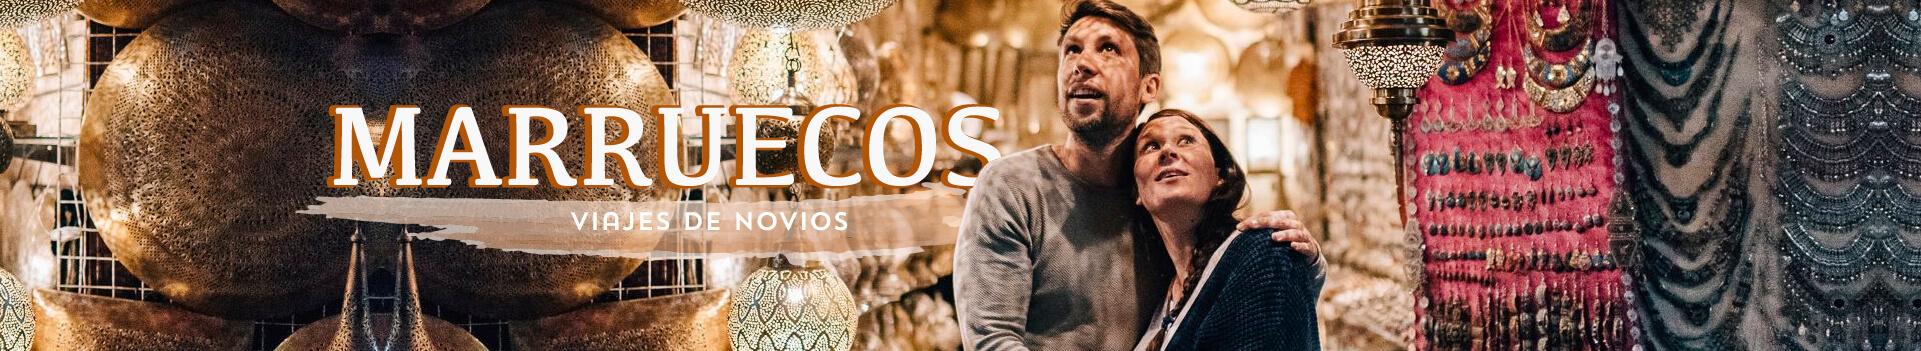 Viajes de novios a Marruecos